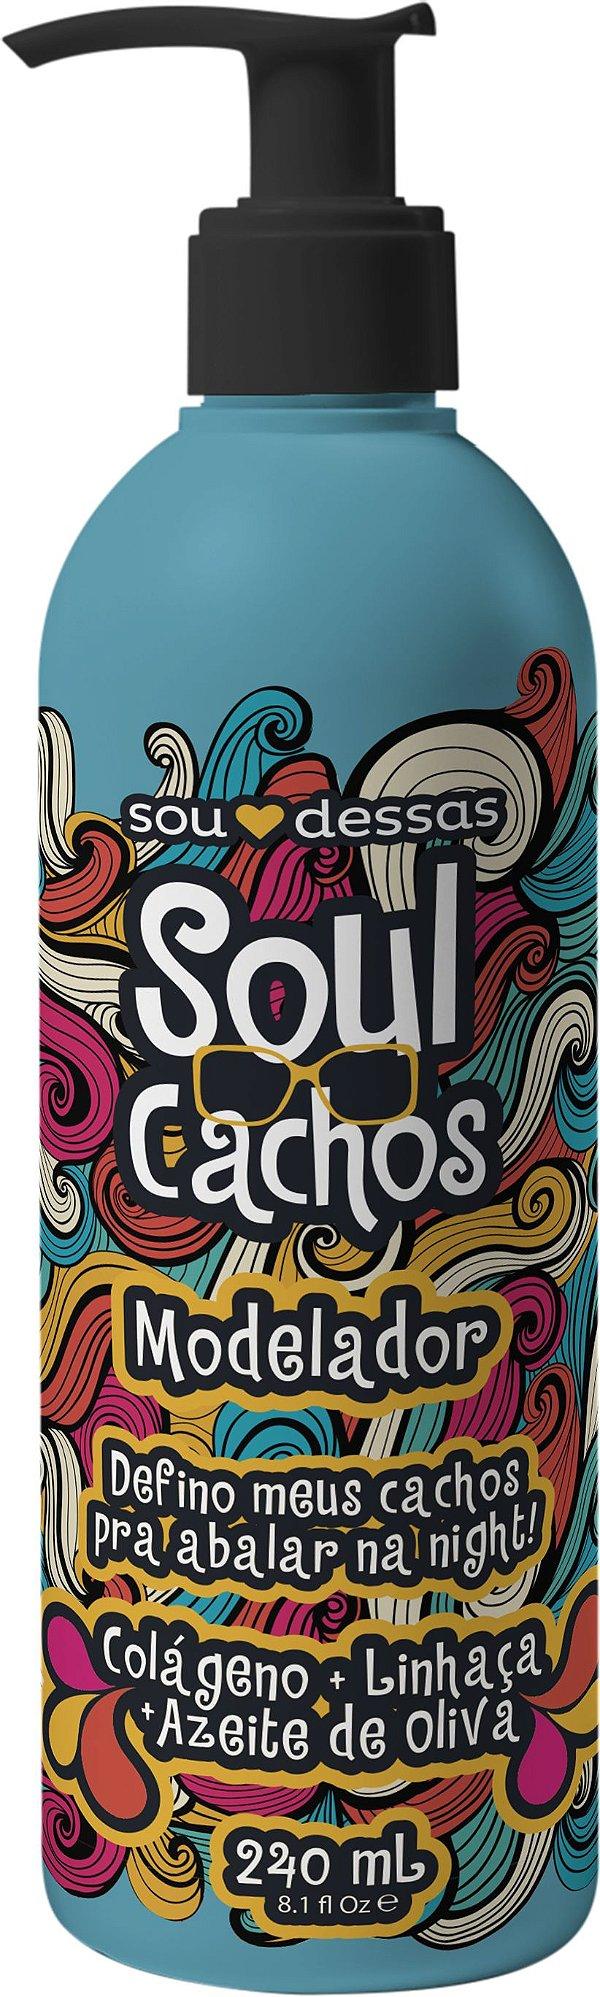 Sou Dessas - Modelador de Cachos Soul Cachos 240ml